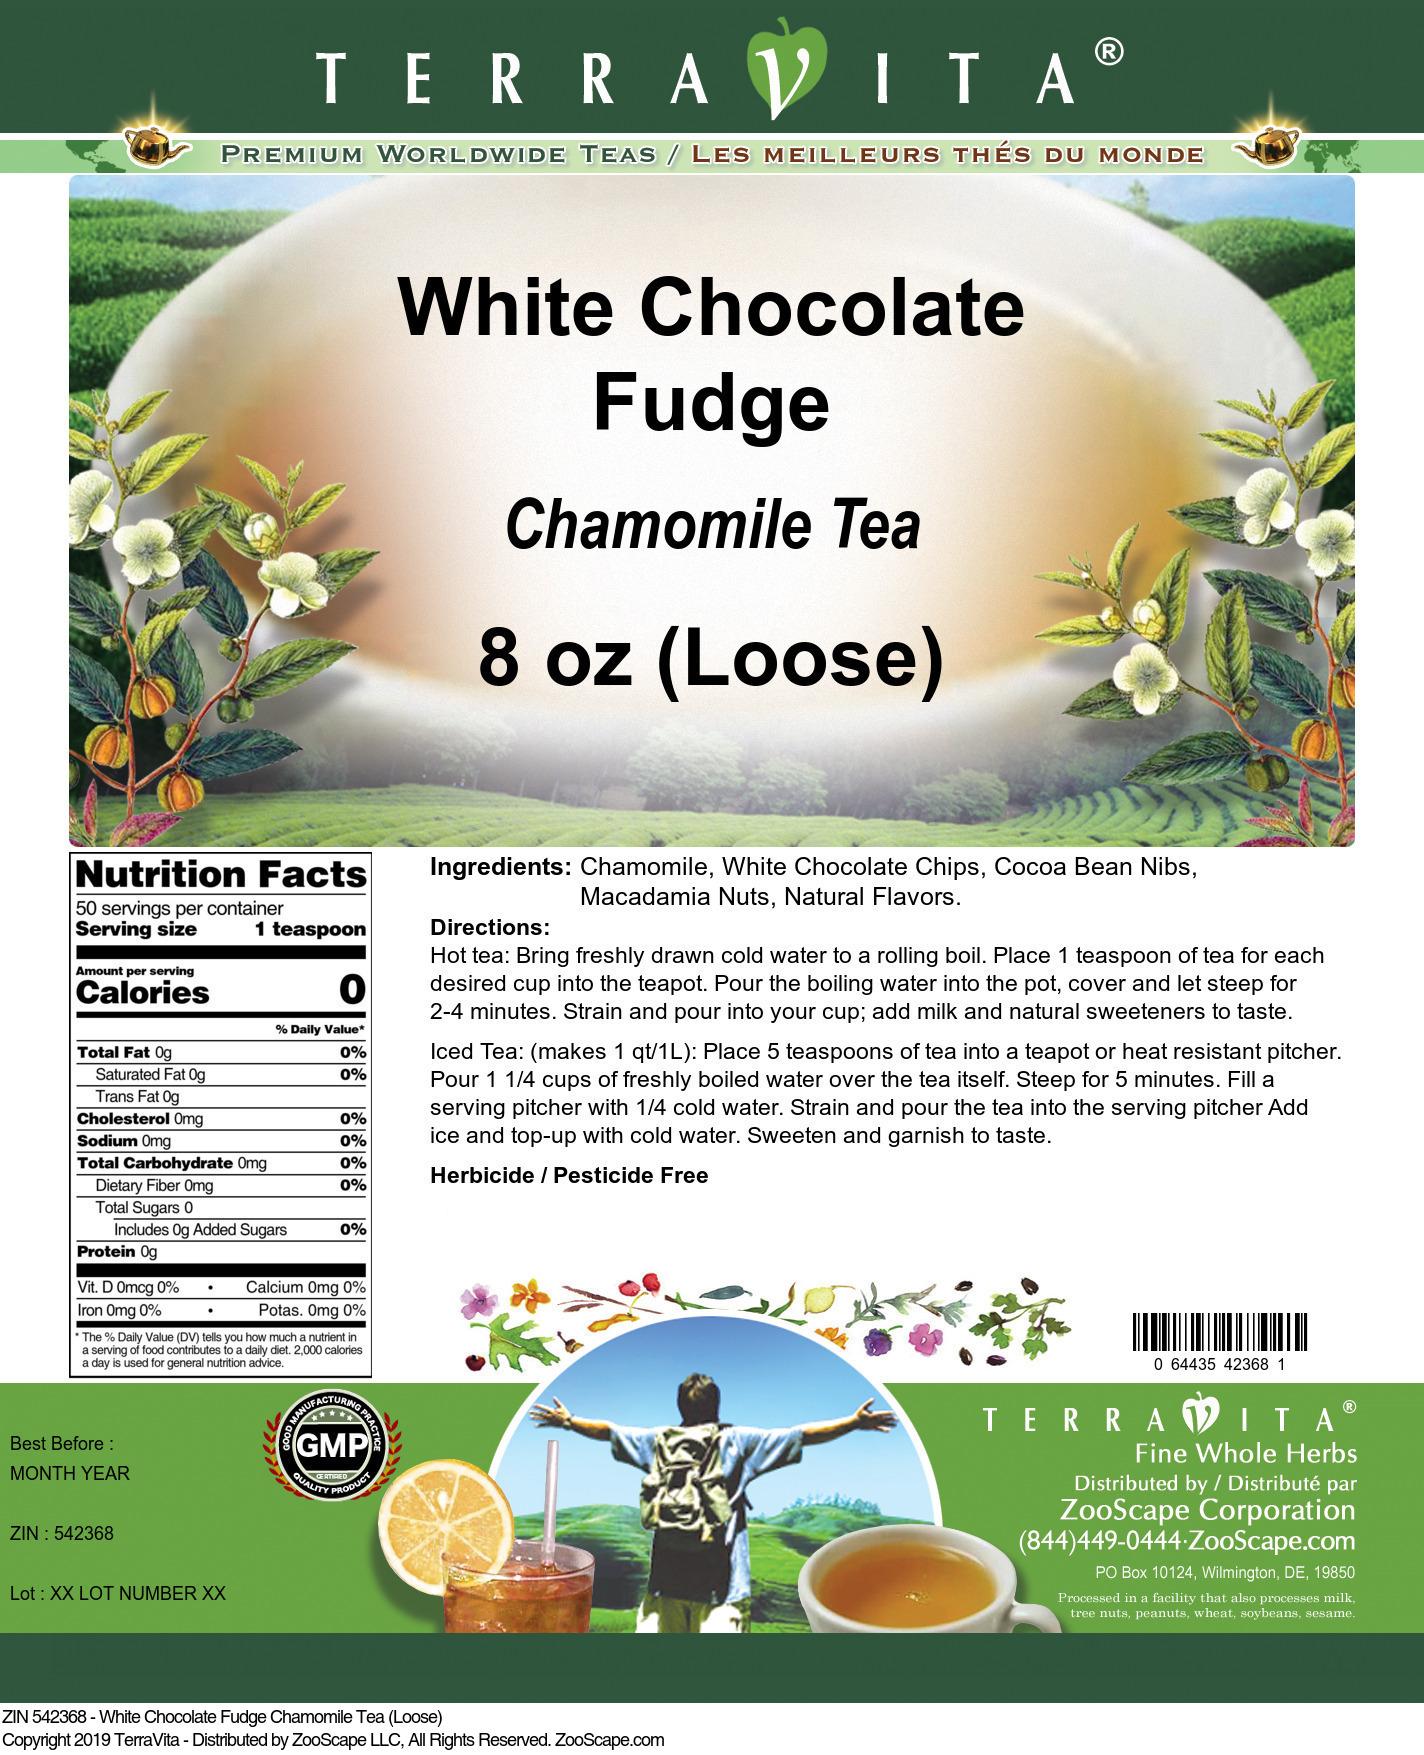 White Chocolate Fudge Chamomile Tea